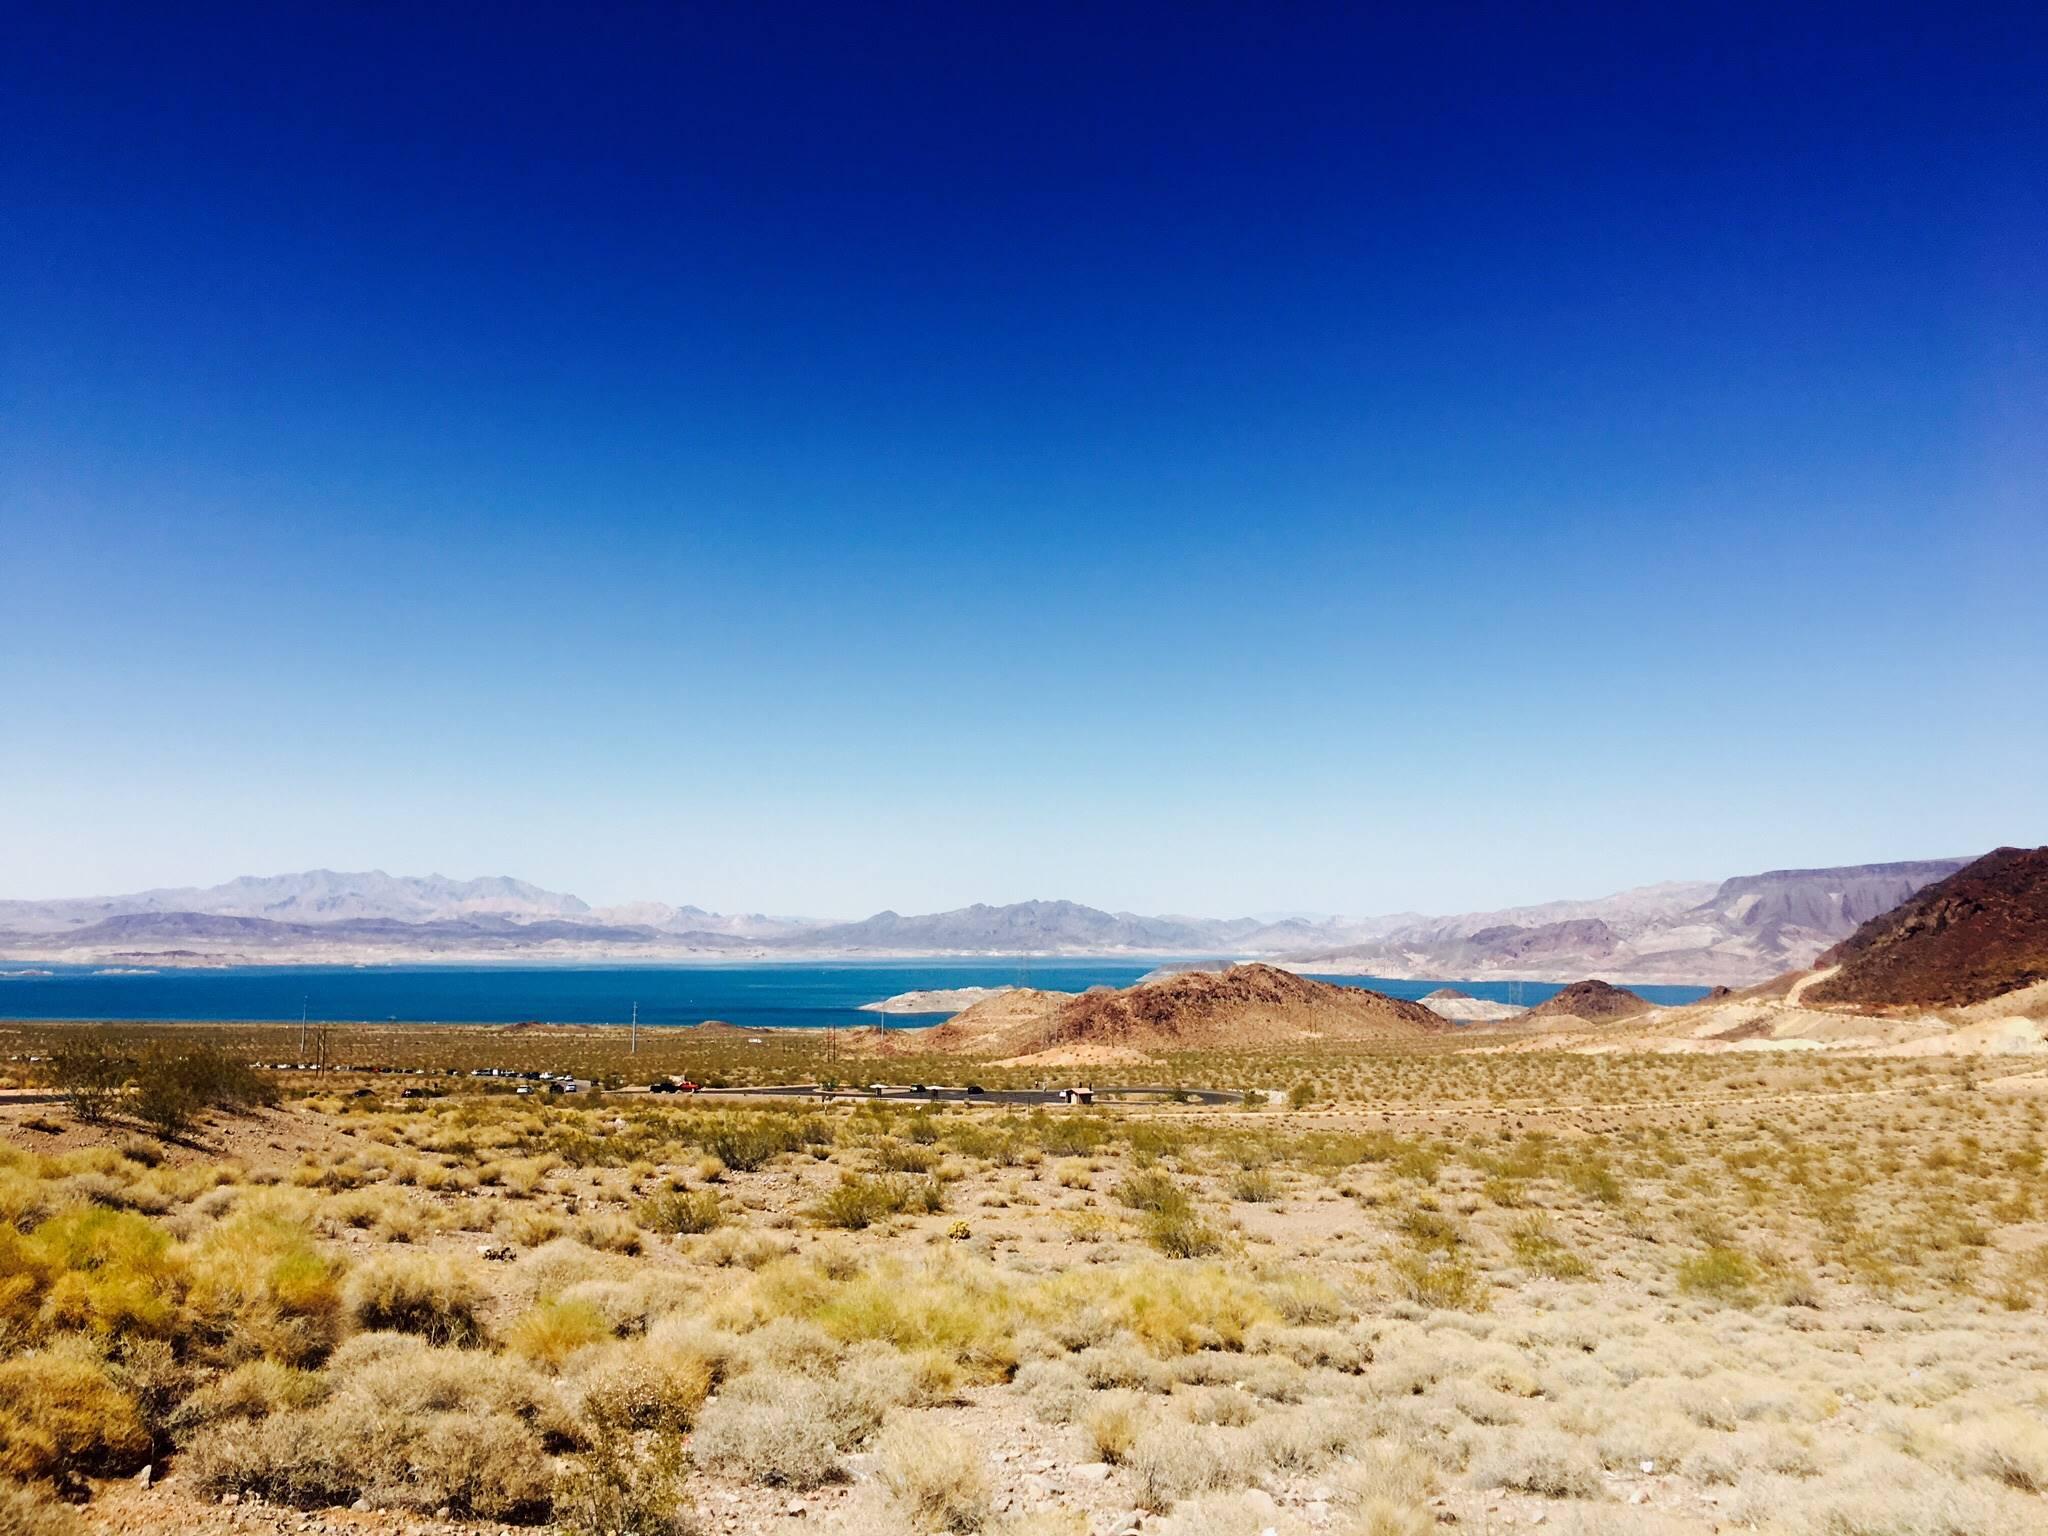 アメリカ アリゾナ州